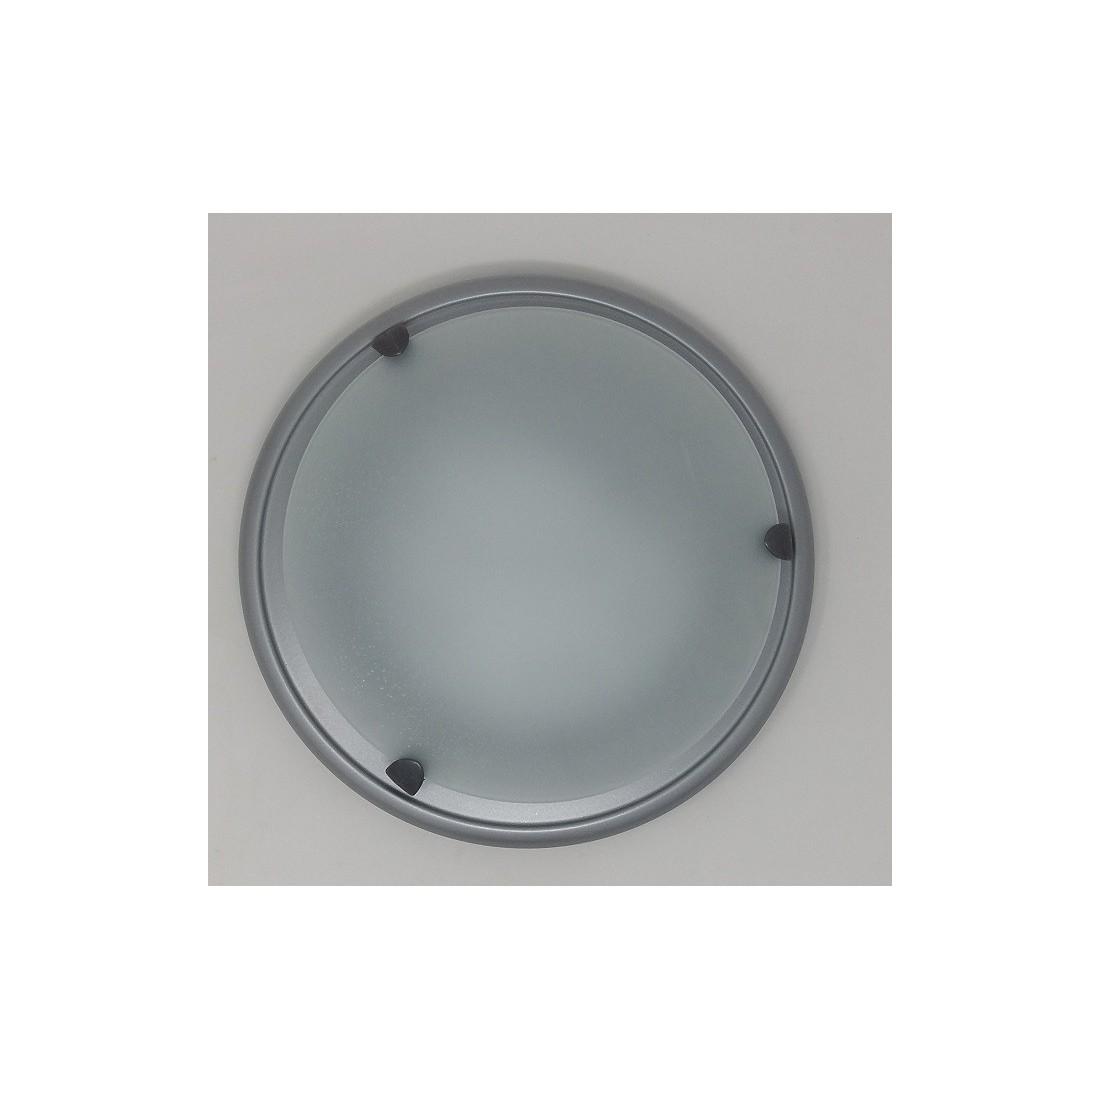 L mpara pantalla blanca y gris compra online o por tel fono - Pantalla lampara techo ...